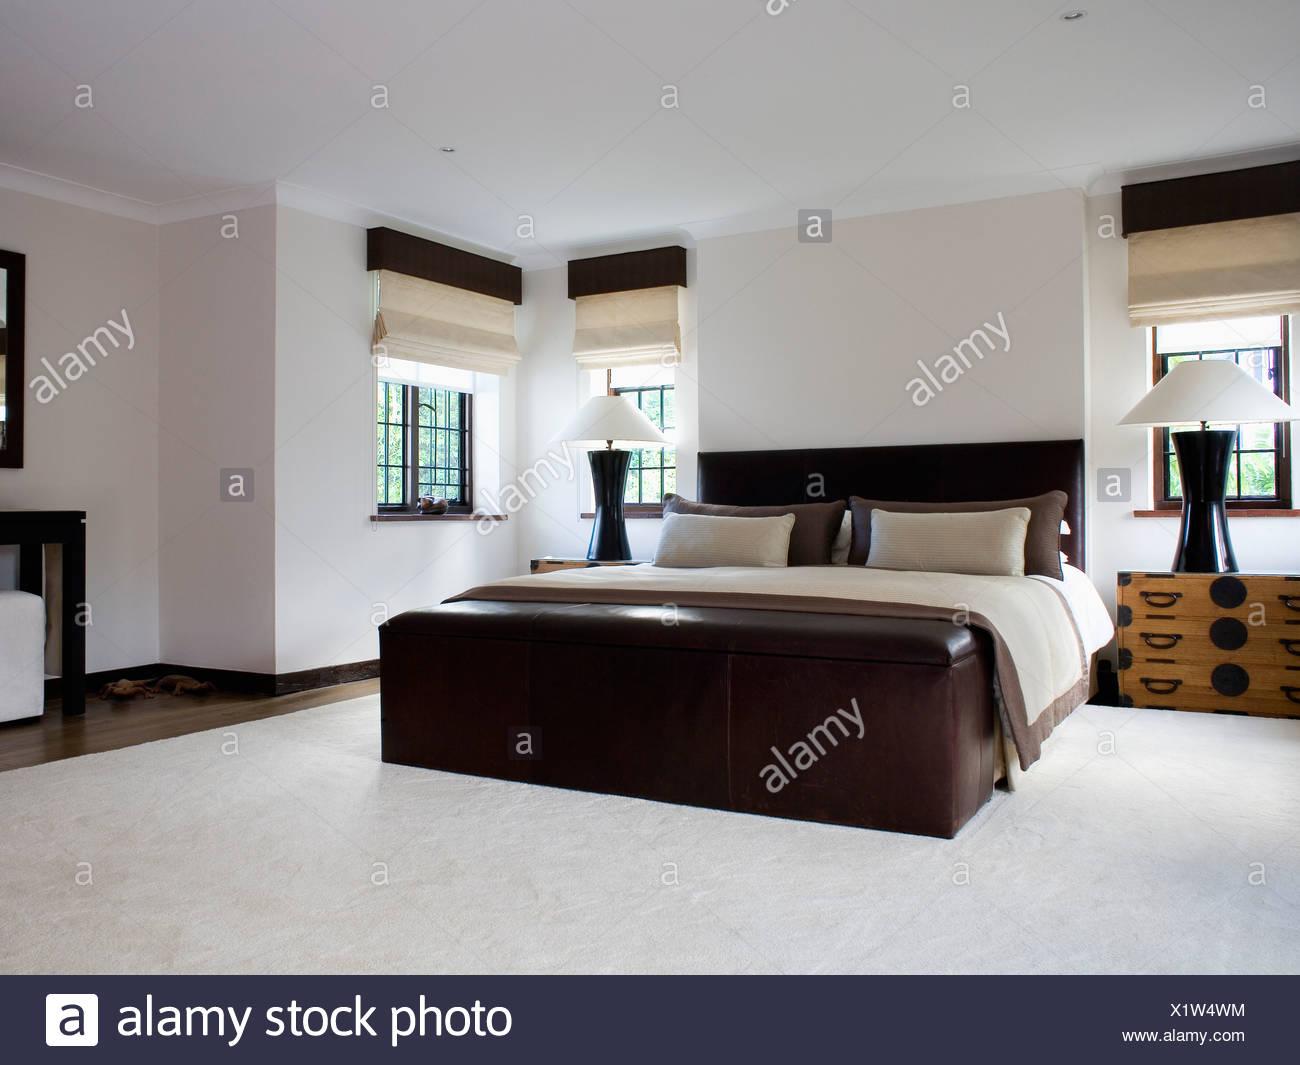 Camera Da Letto Moderna Marrone : Archiviazione di grandi dimensioni torace sotto il letto con color